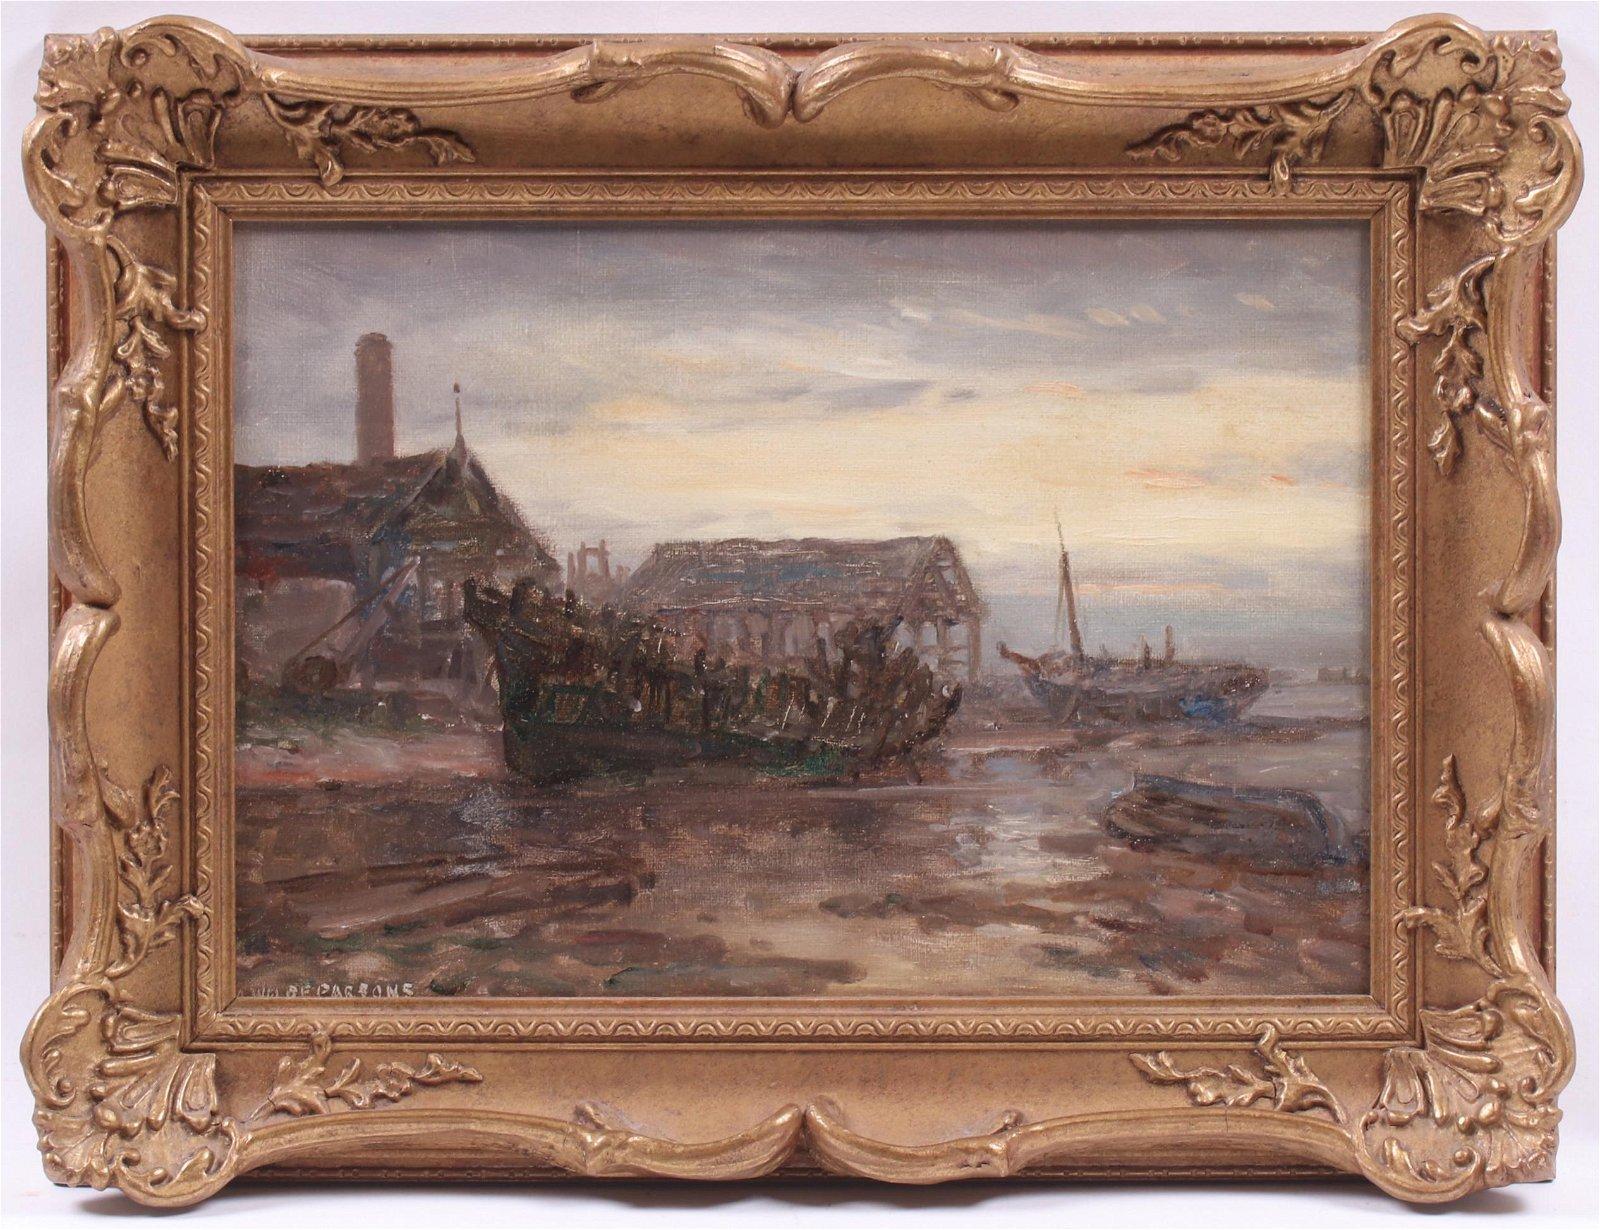 Arthur Wilde Parsons (UK 1854-1931) Oil on Board